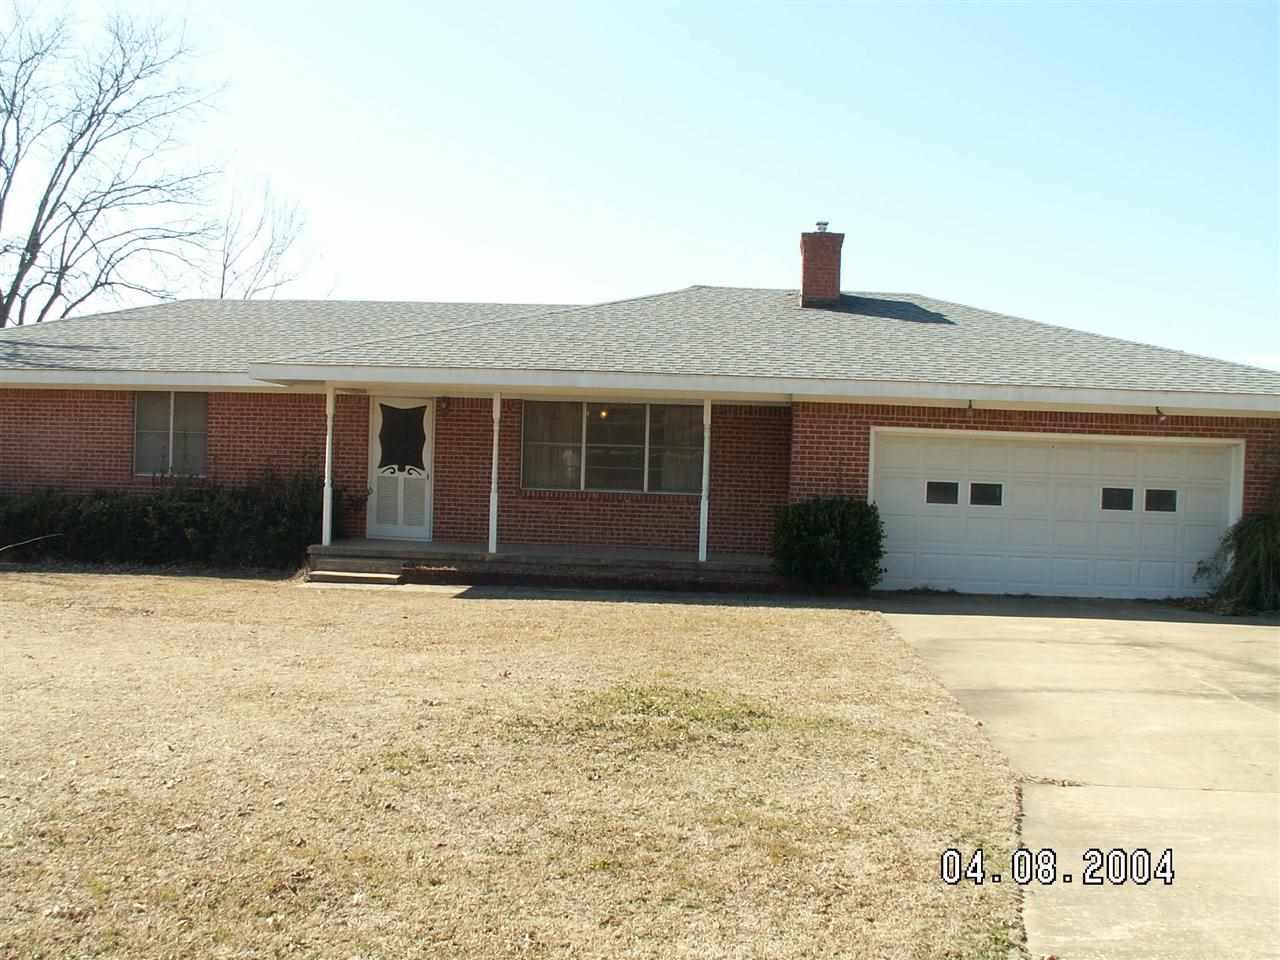 702 S Choctaw St, Caddo, OK 74729